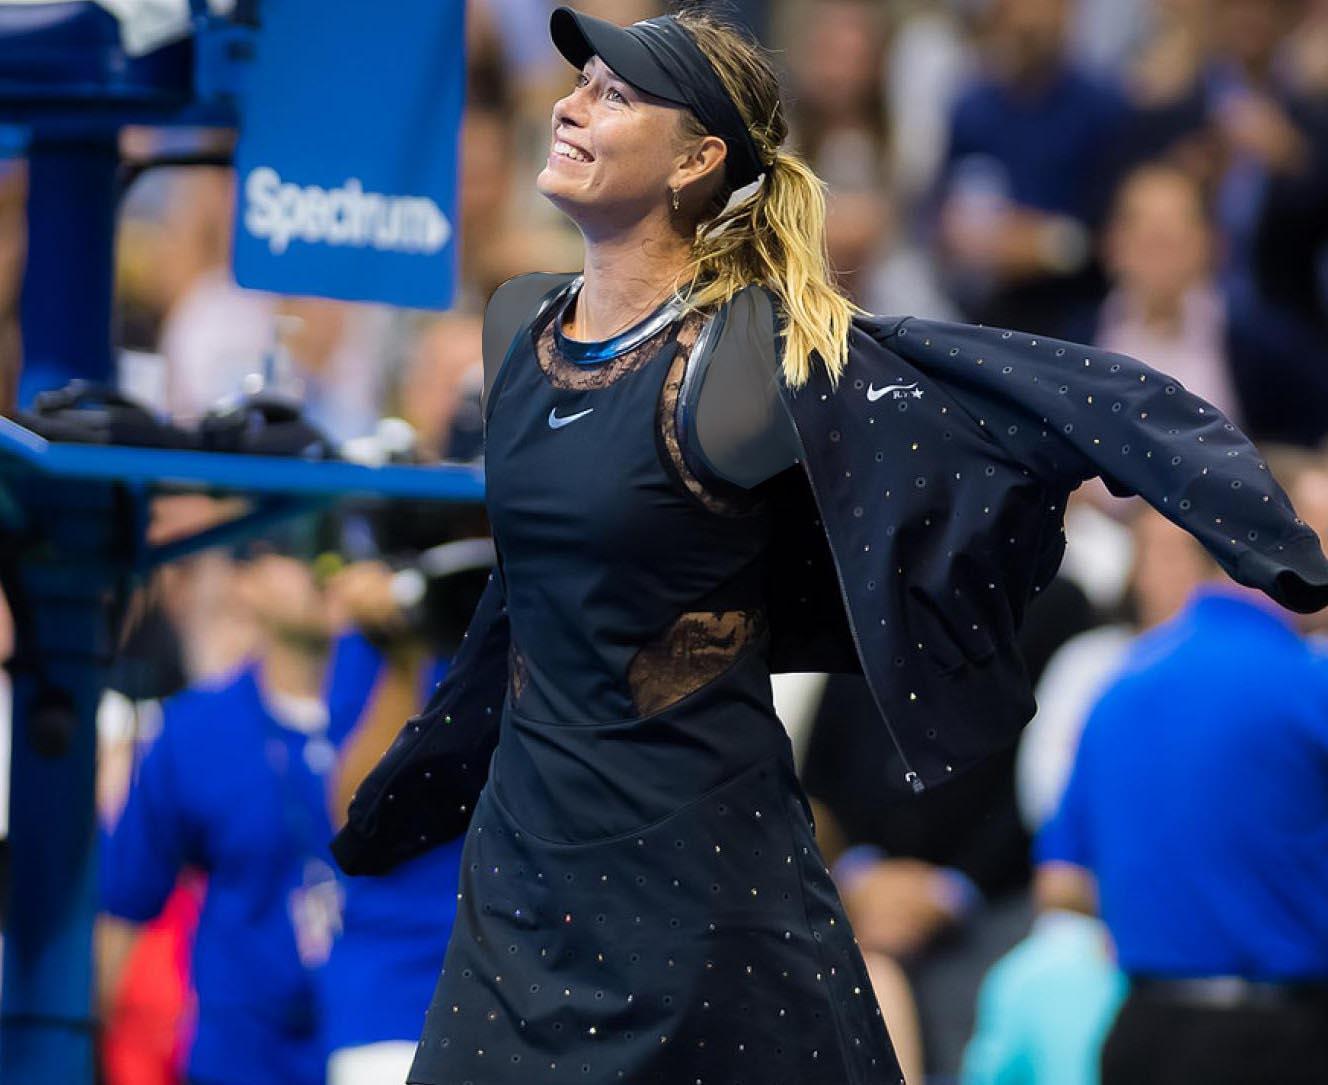 لباس فاخر ۱۲۰۰ دلاری ماریا در رقابت های تنیس آزاد آمریکا